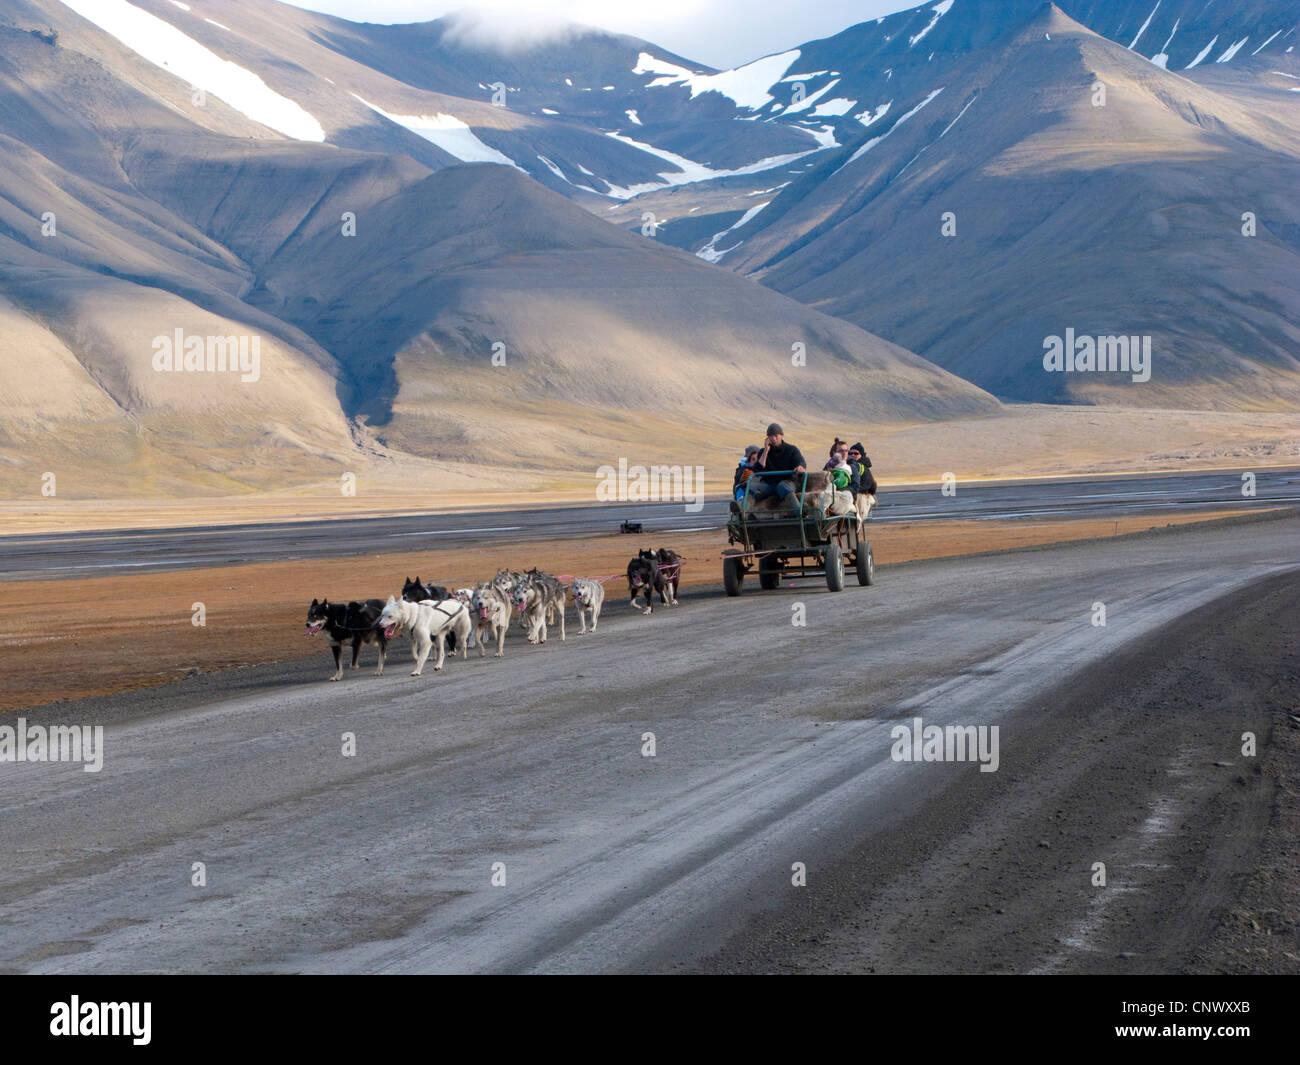 Hundegespann ziehen einen Wagen mit Touristen auf einer einsamen Straße, Norwegen, Spitzbergen, Longyearbyen Stockbild